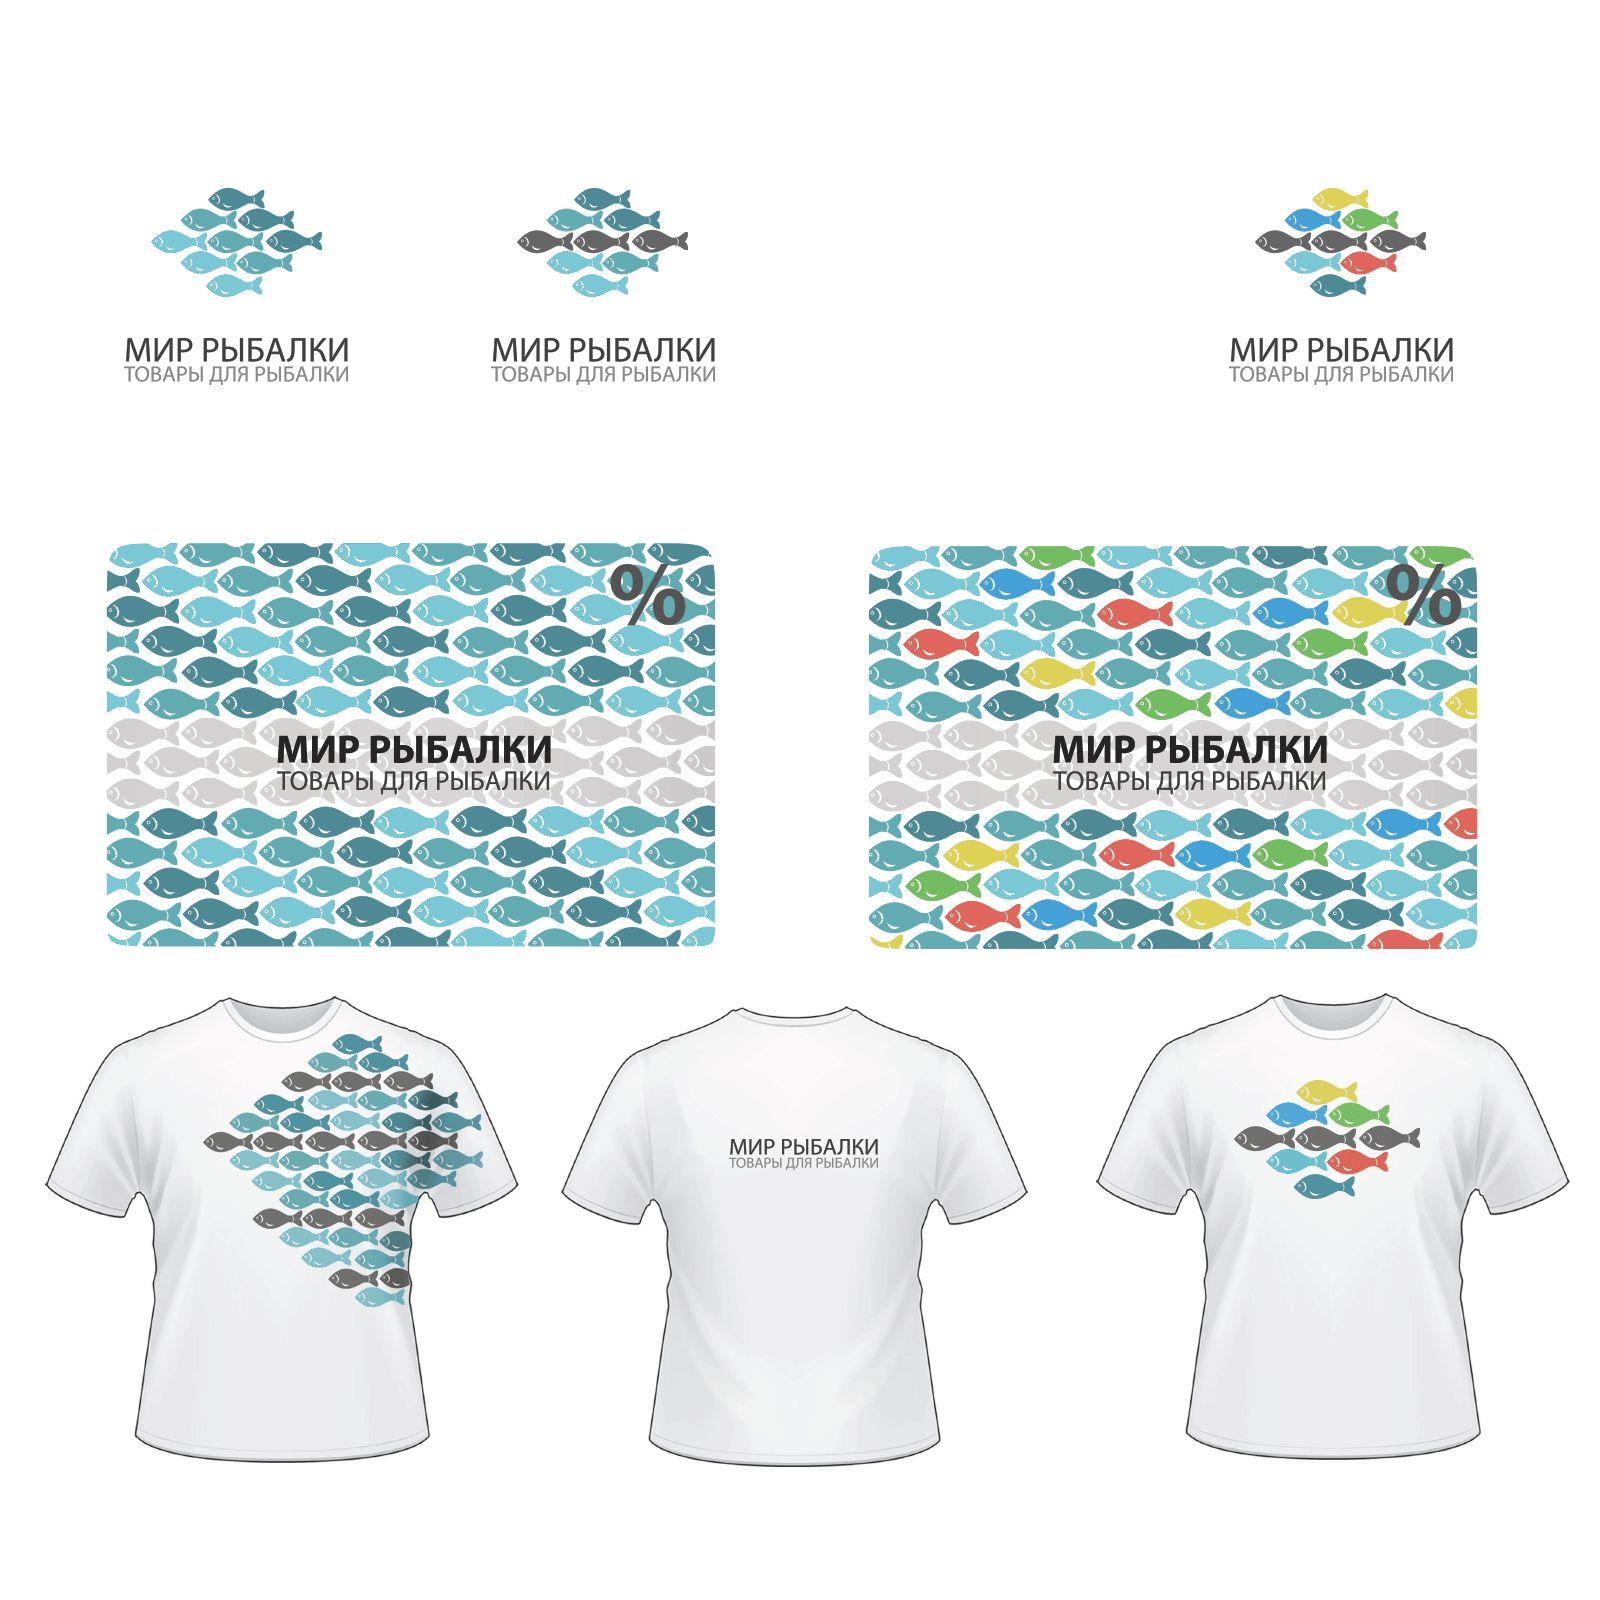 Логотип рыболовного магазина - дизайнер ALENAshut